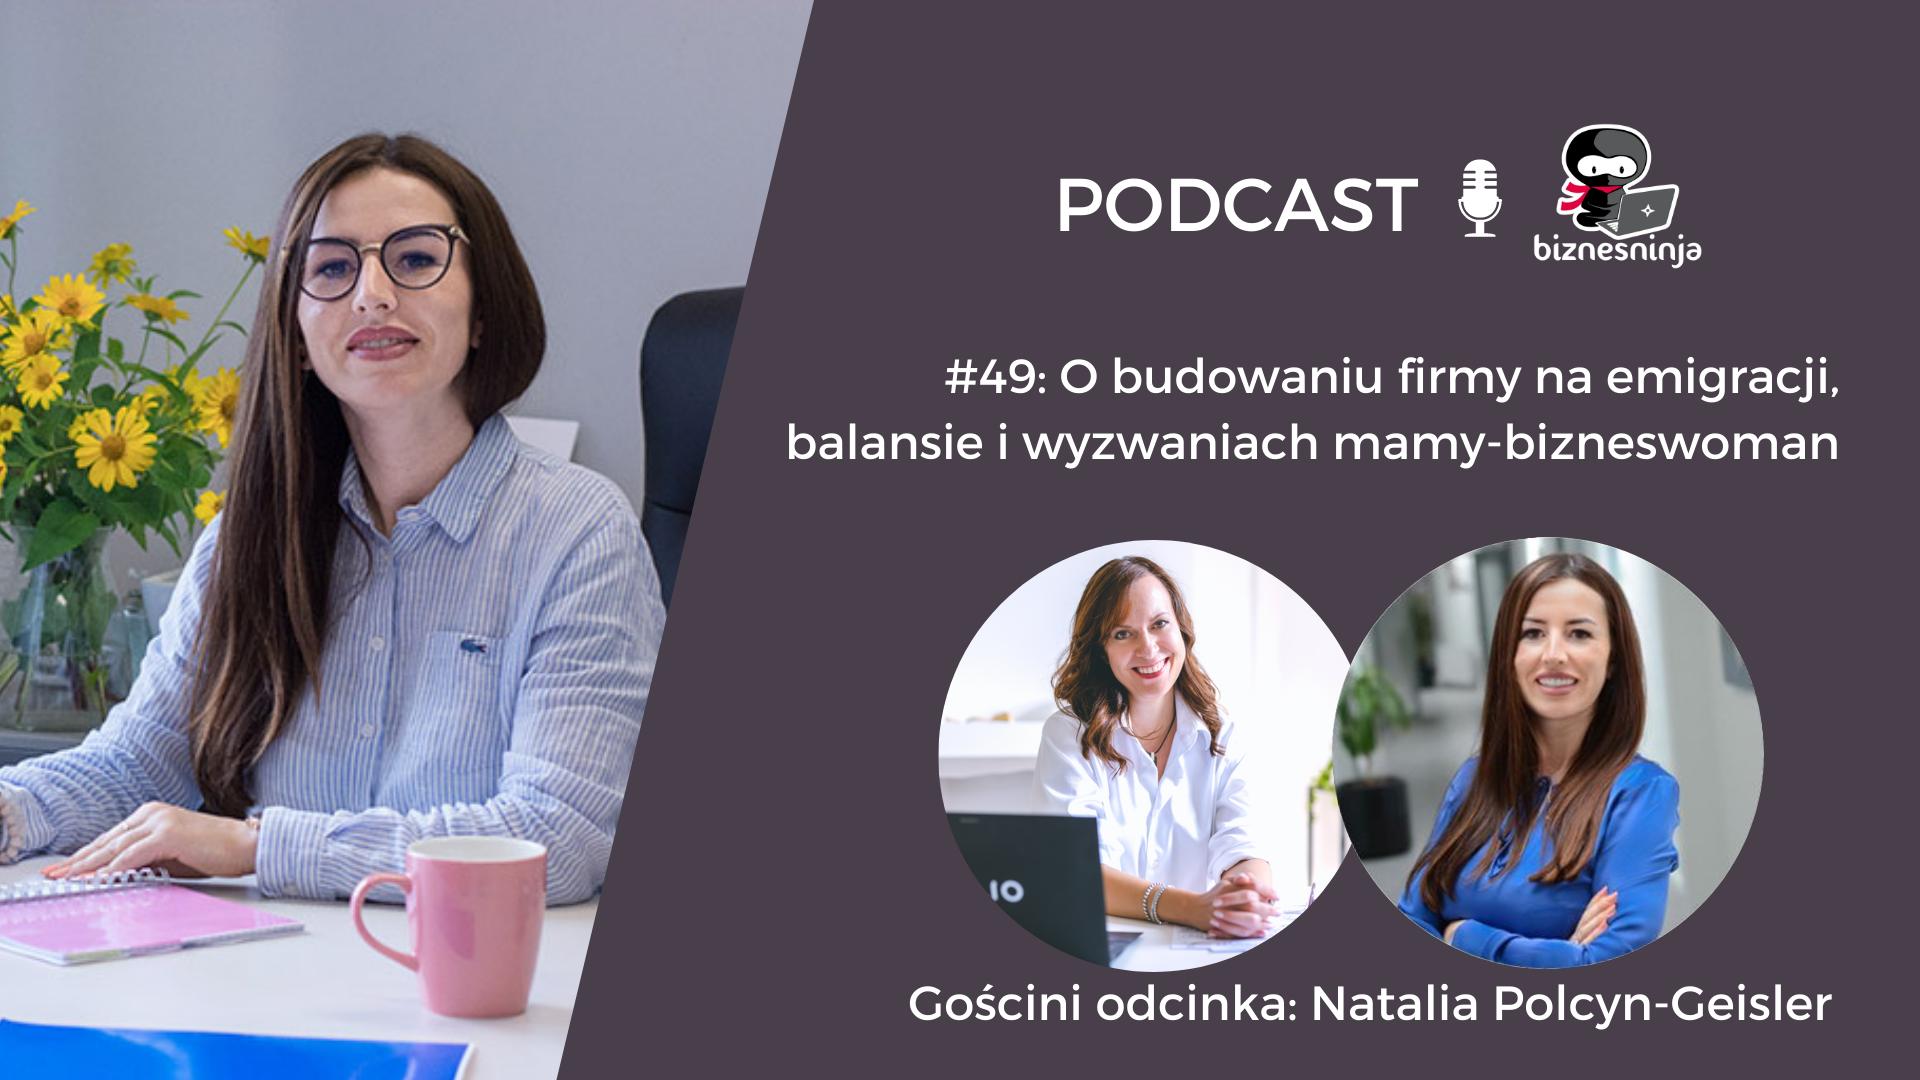 Podcast Biznesninja